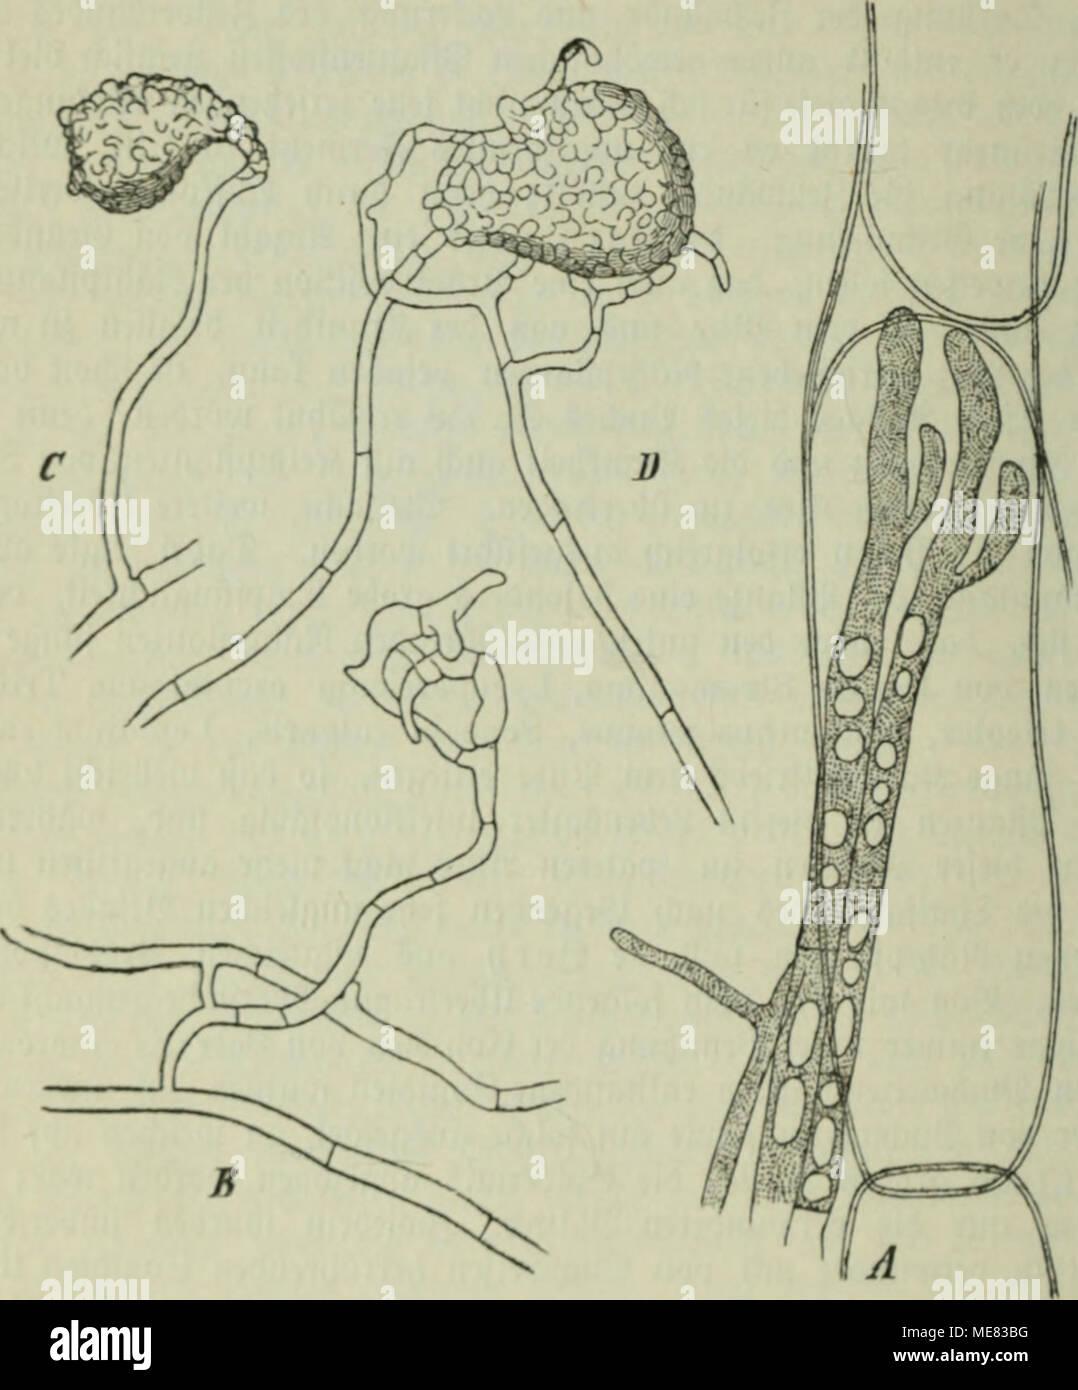 Großzügig Bii Anatomie Galerie - Menschliche Anatomie Bilder ...